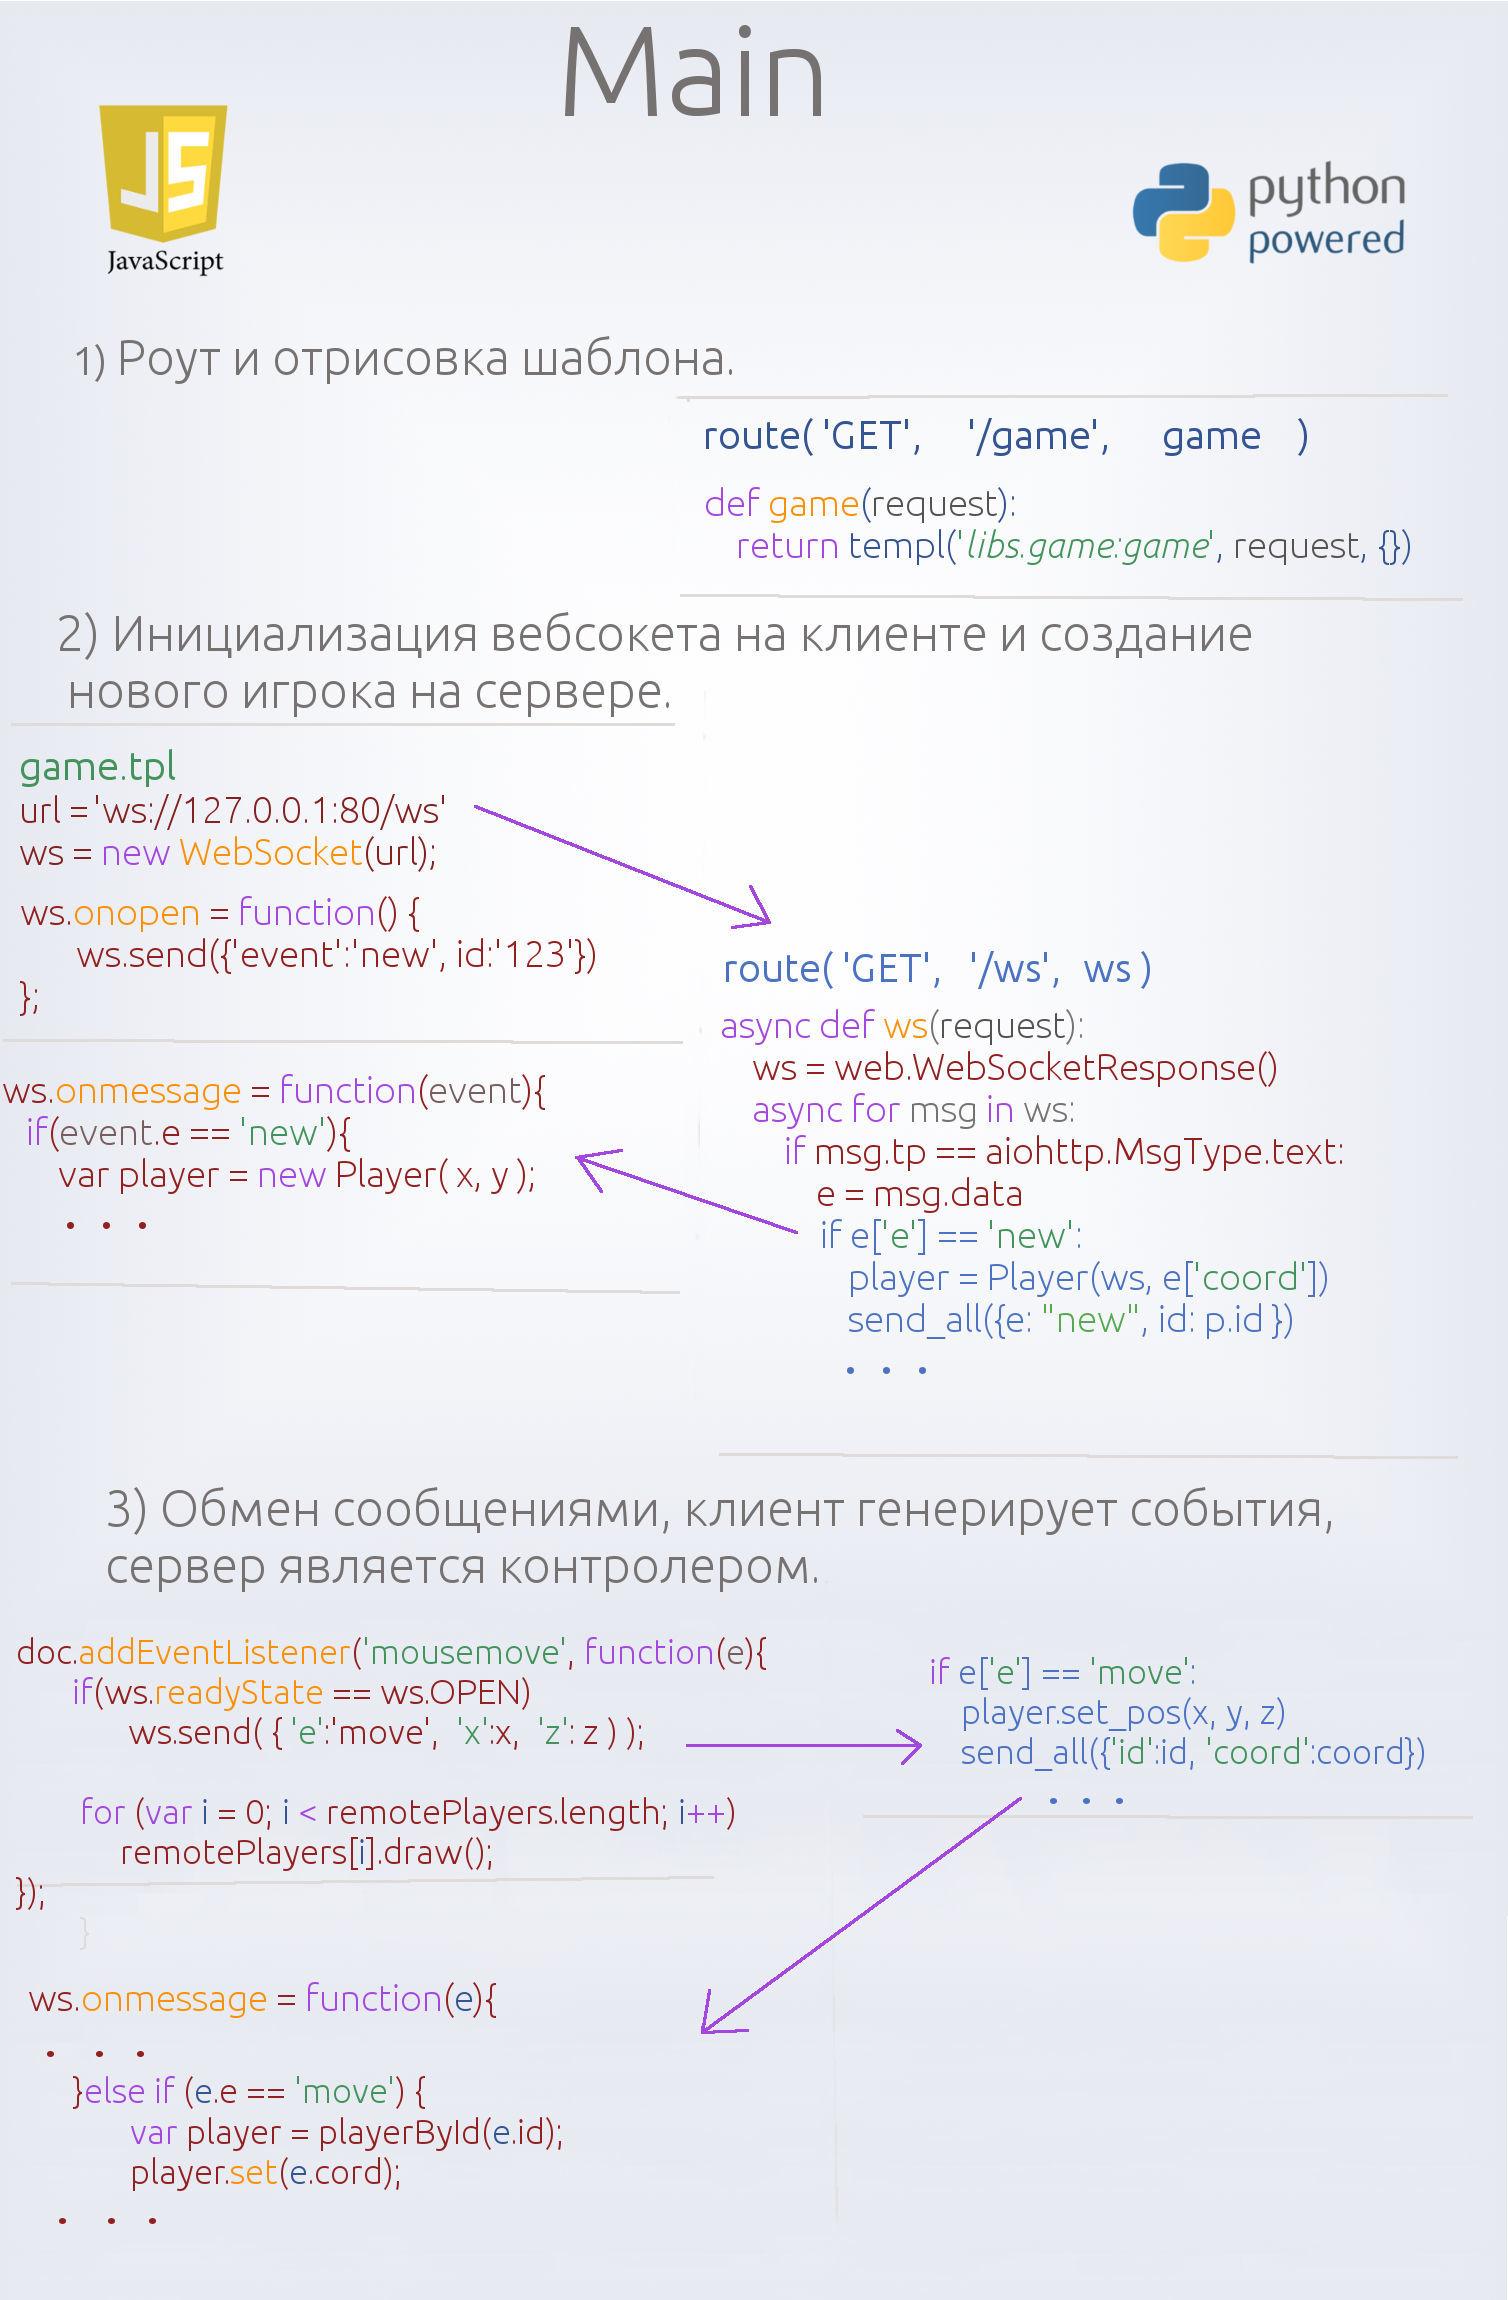 Многопользовательский онлайн-шутер на WebGL и asyncio, часть вторая